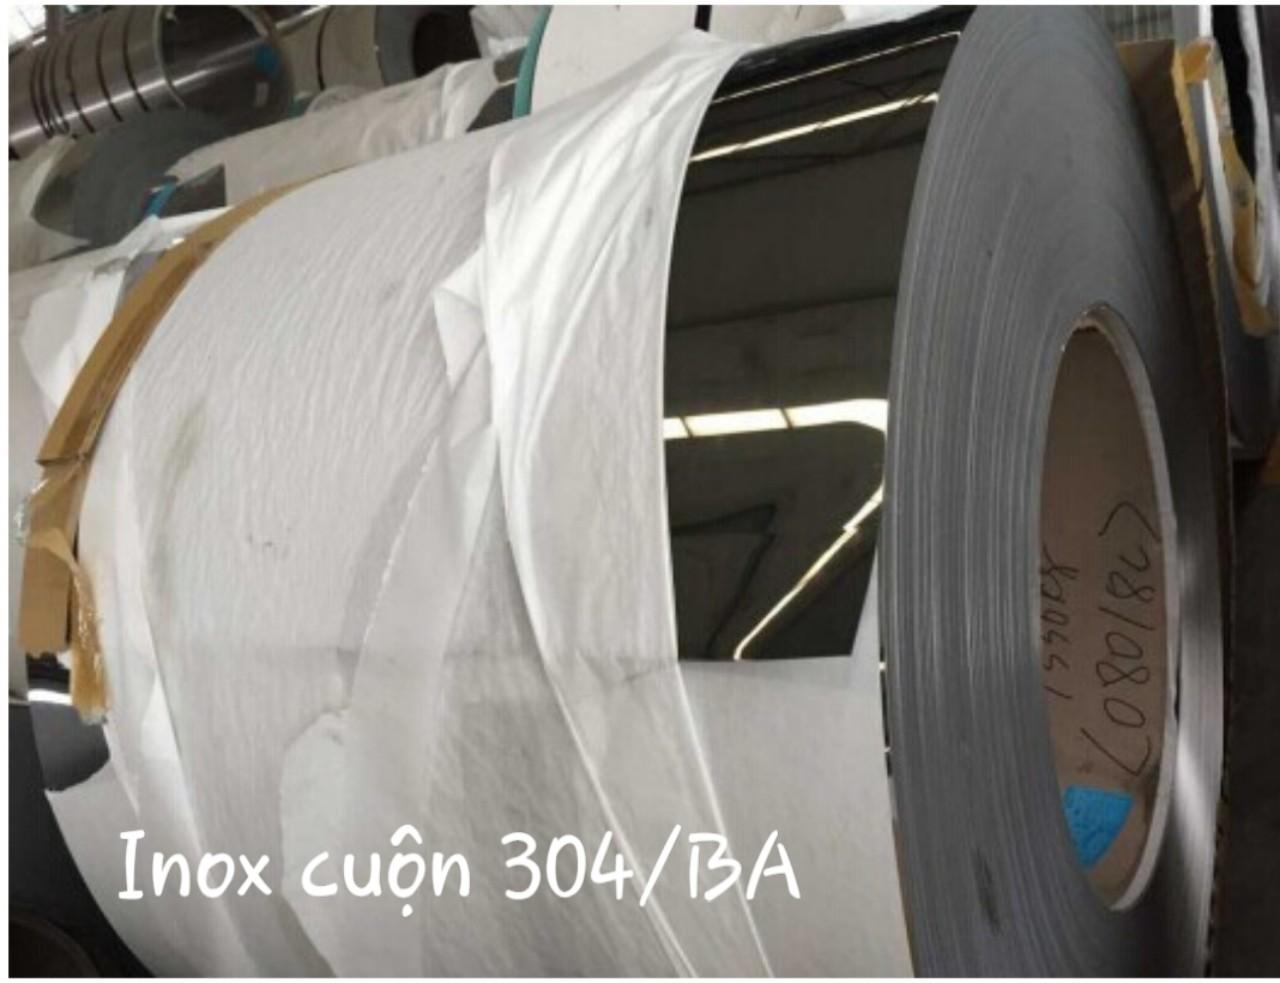 INOX 304/BA